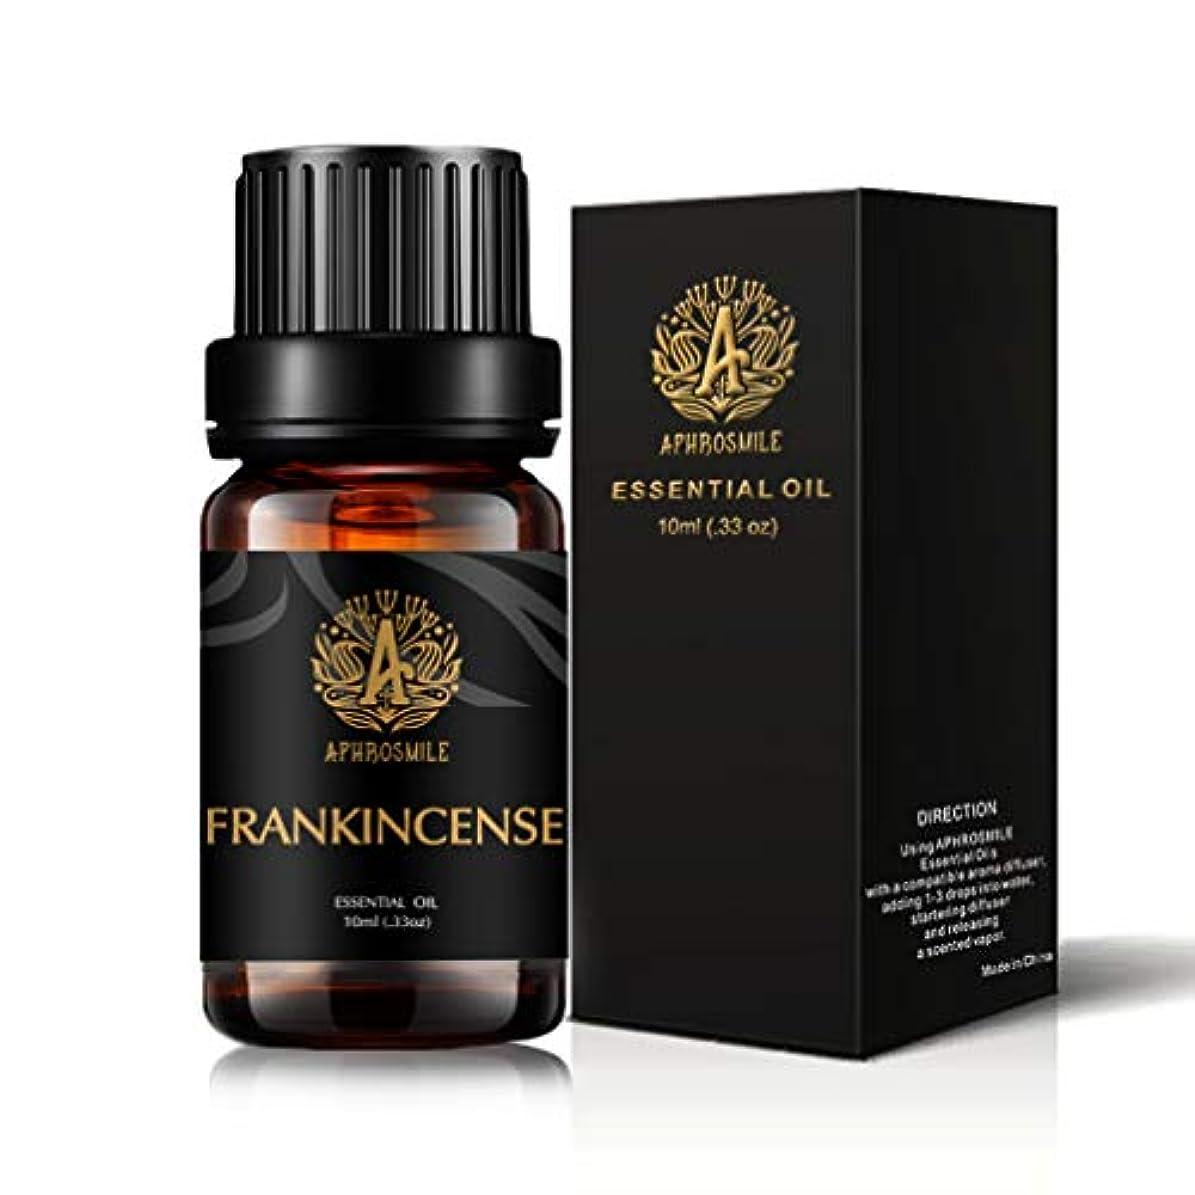 食欲怖い補償Aphrosmile フランキン センス エッセンシャル オイル FDA 認定 100% ピュア フランキン センス オイル、有機治療グレードのアロマテラピー エッセンシャル オイル 10mL/0.33oz